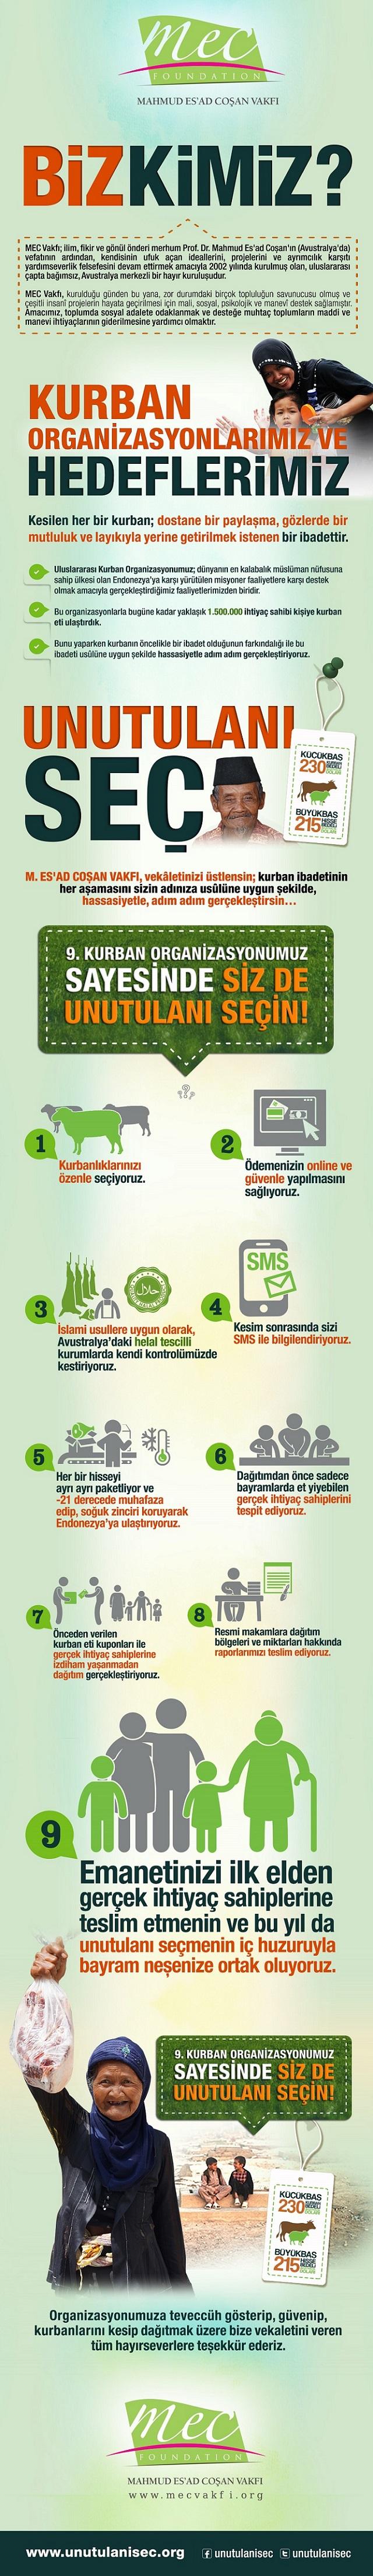 mec--vakfi-kurban-infografik-1435